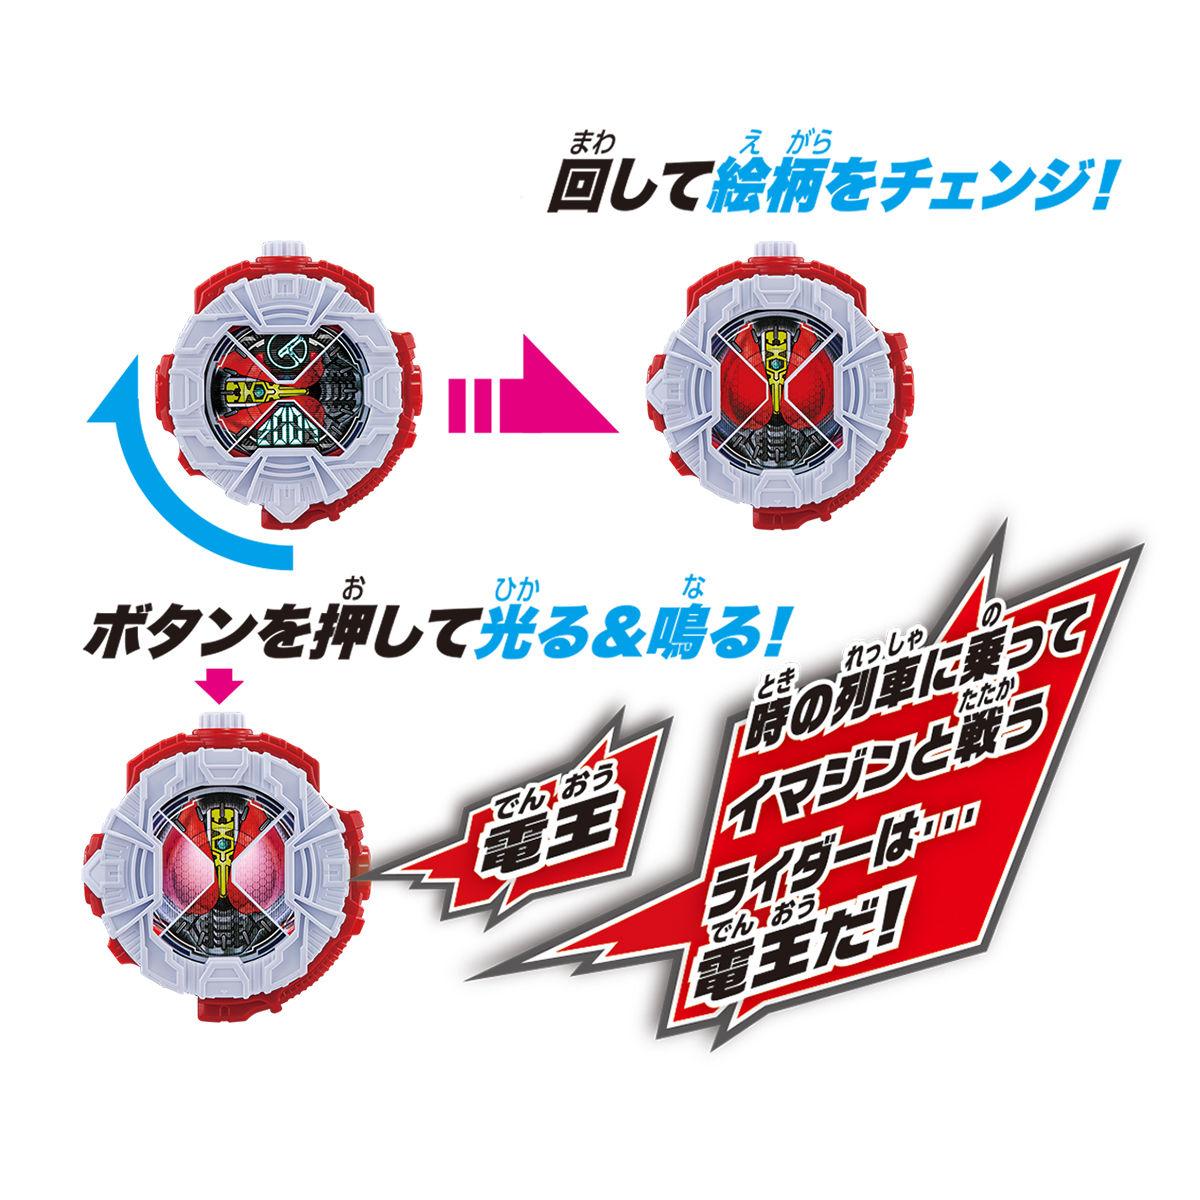 仮面ライダージオウ『DXライドウォッチダイザー&電王ライドウォッチ』変身なりきり-010